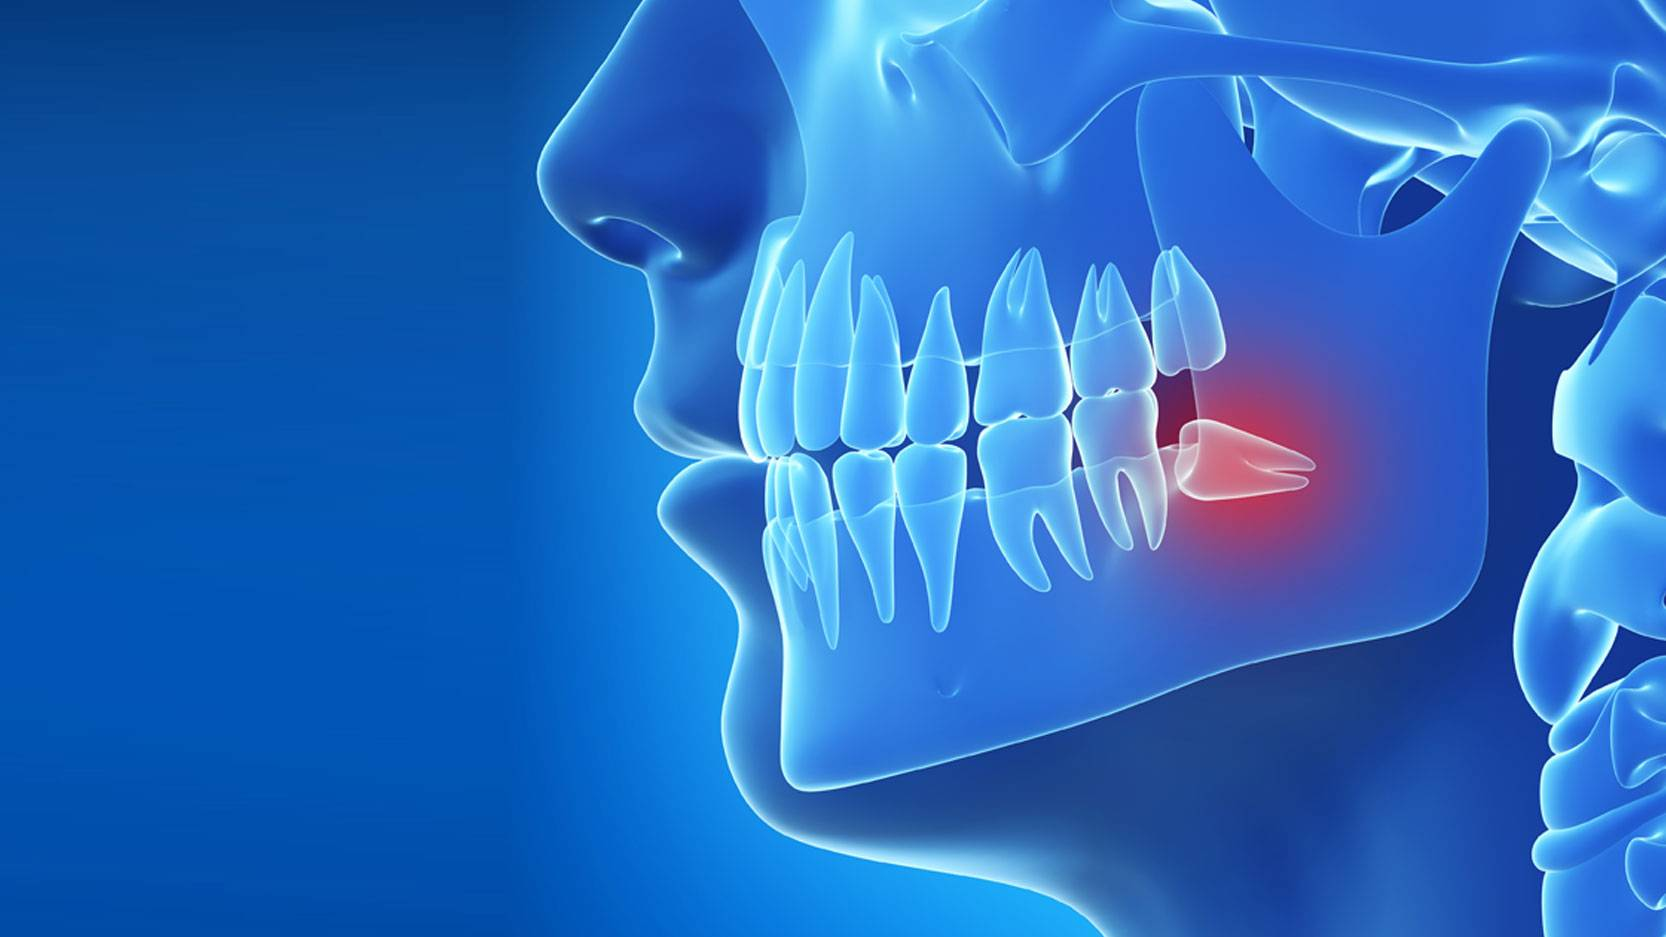 Зуб мудрости растет в щеку: фото, нужно ли удалять, если он мешает и натирает